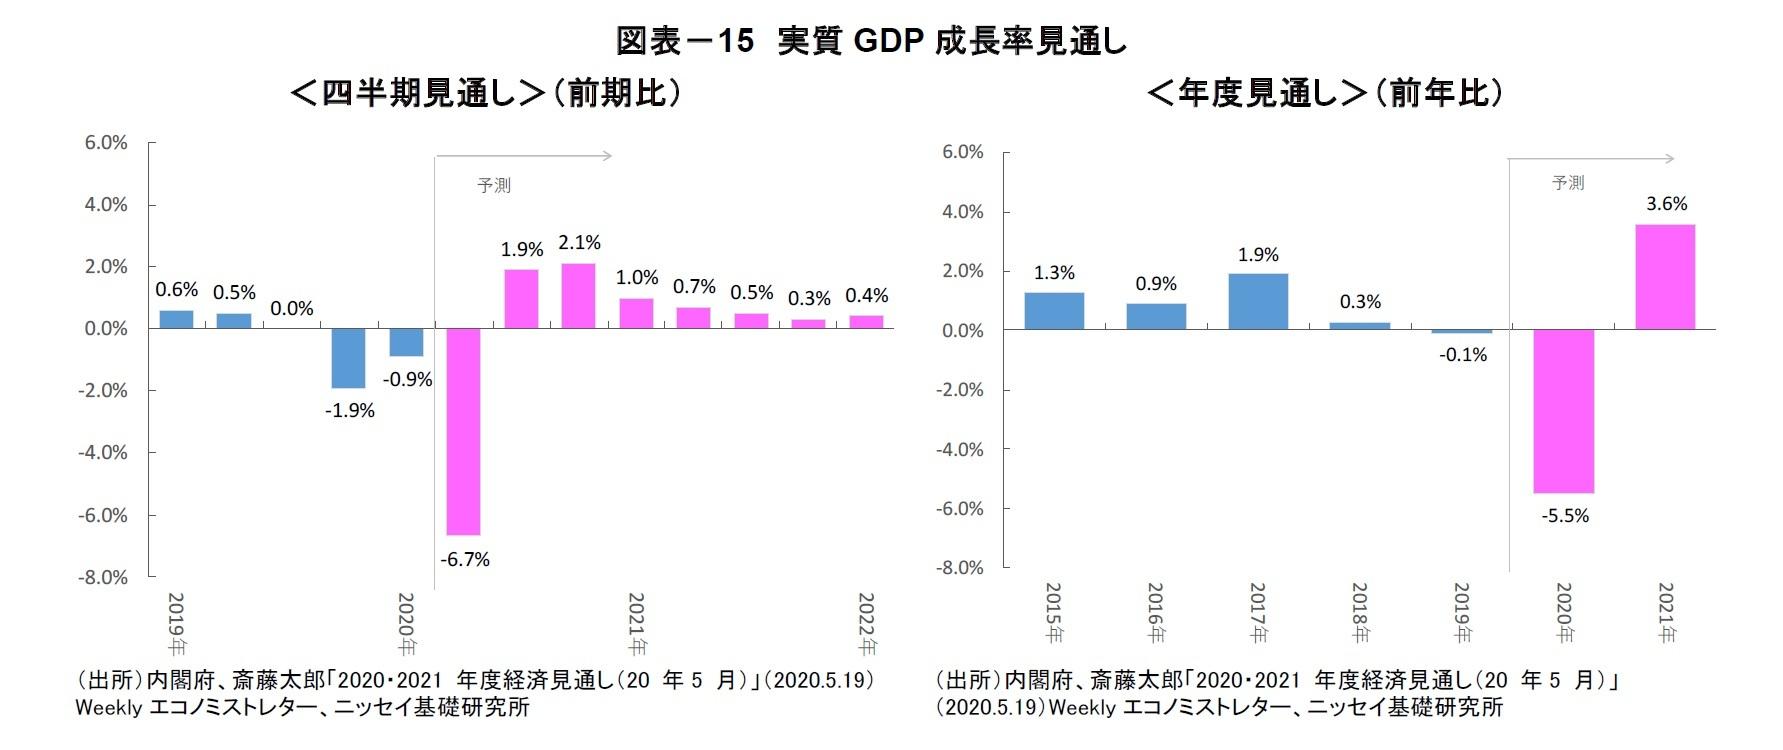 図表-15 実質GDP 成長率見通し